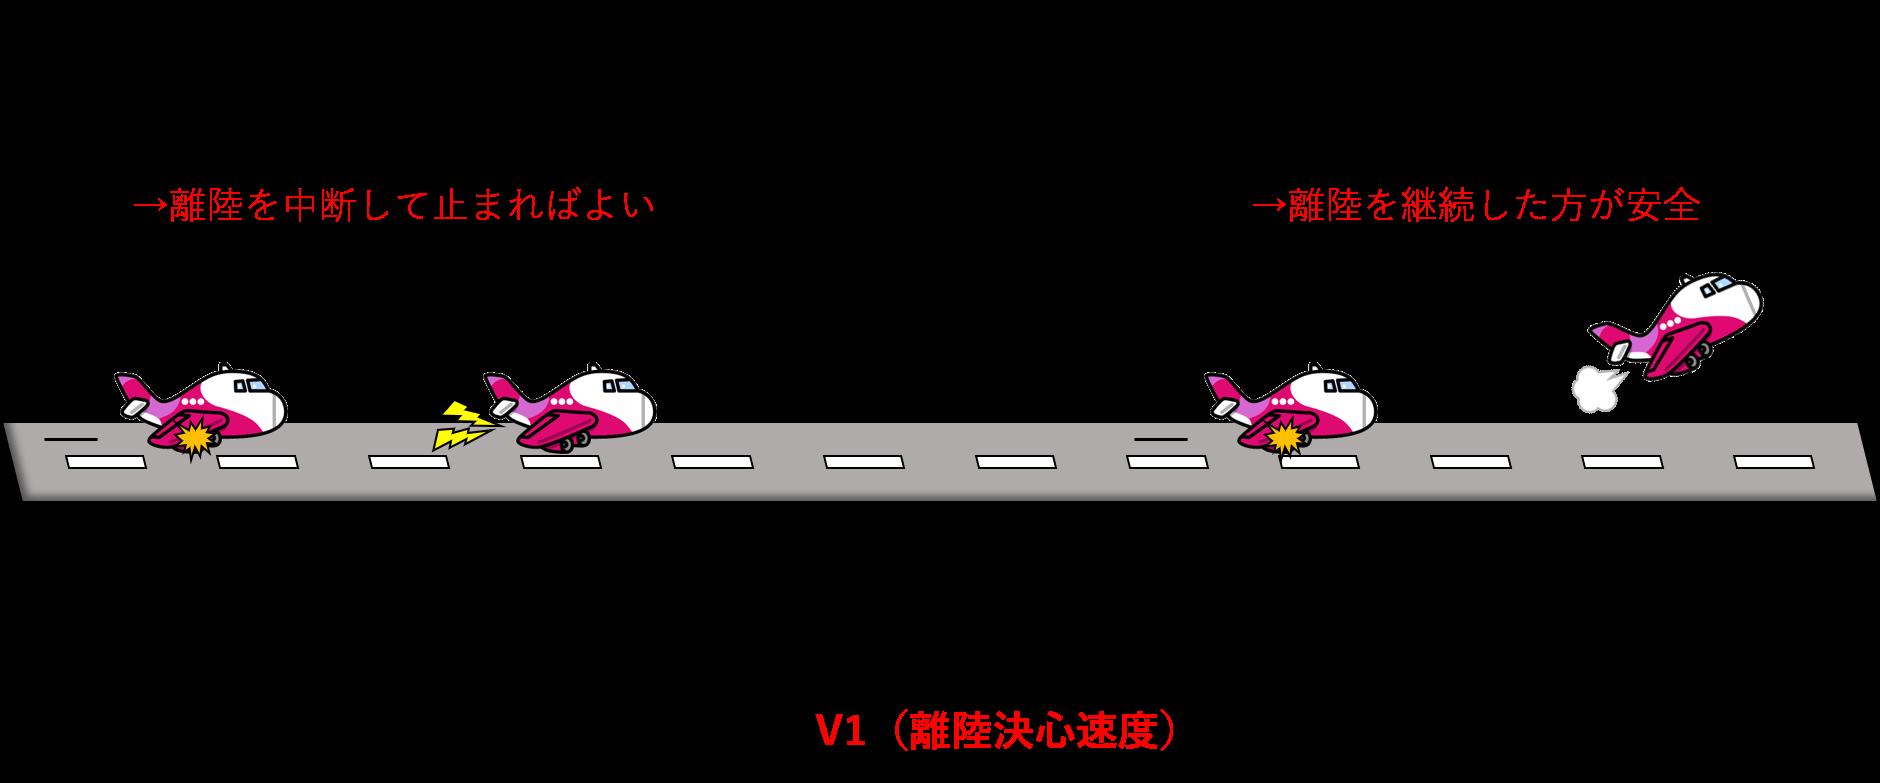 V1が決まるイメージ